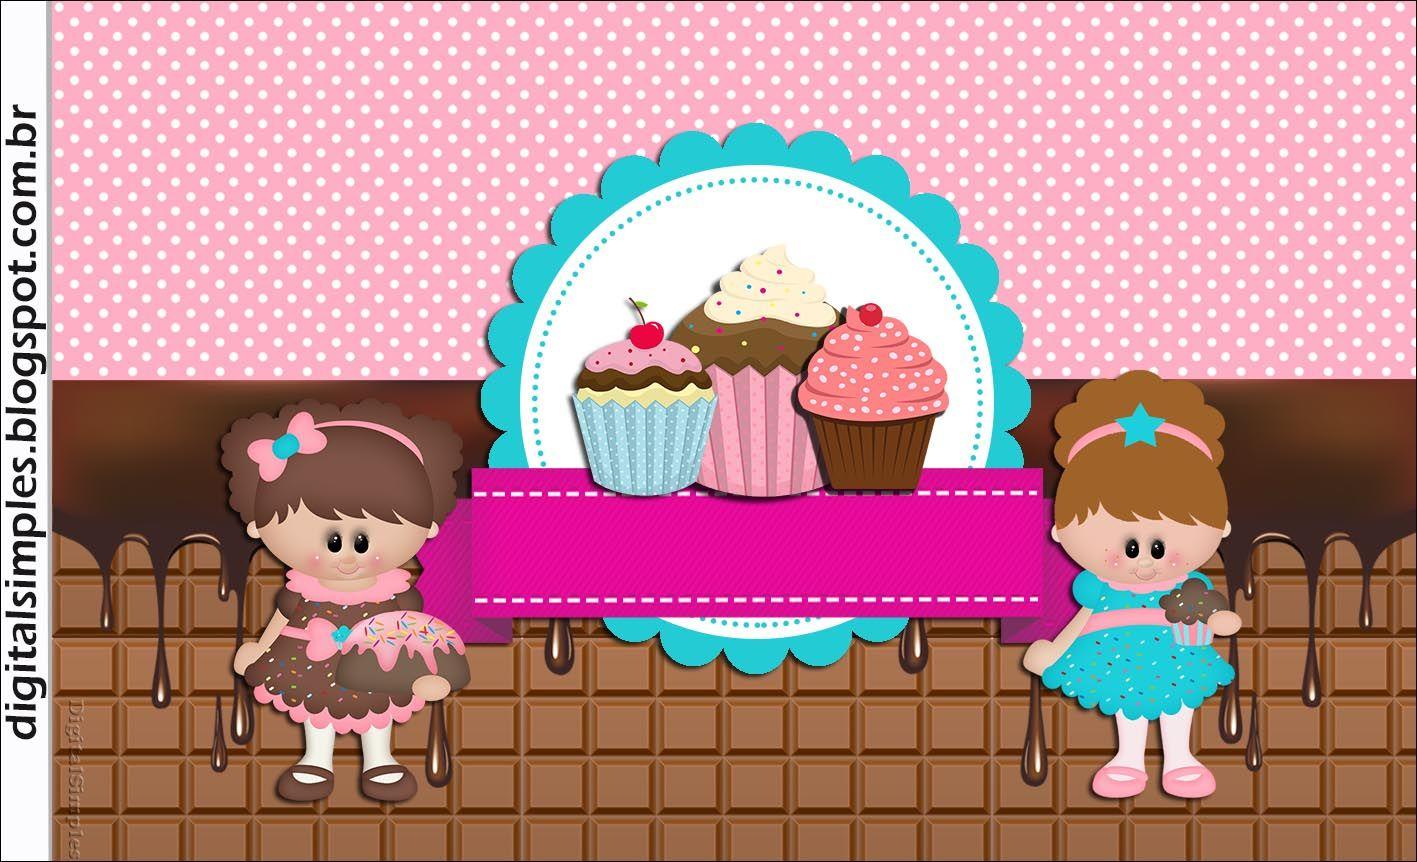 festa de aniversário cupcake para imprimir gratuito com convite